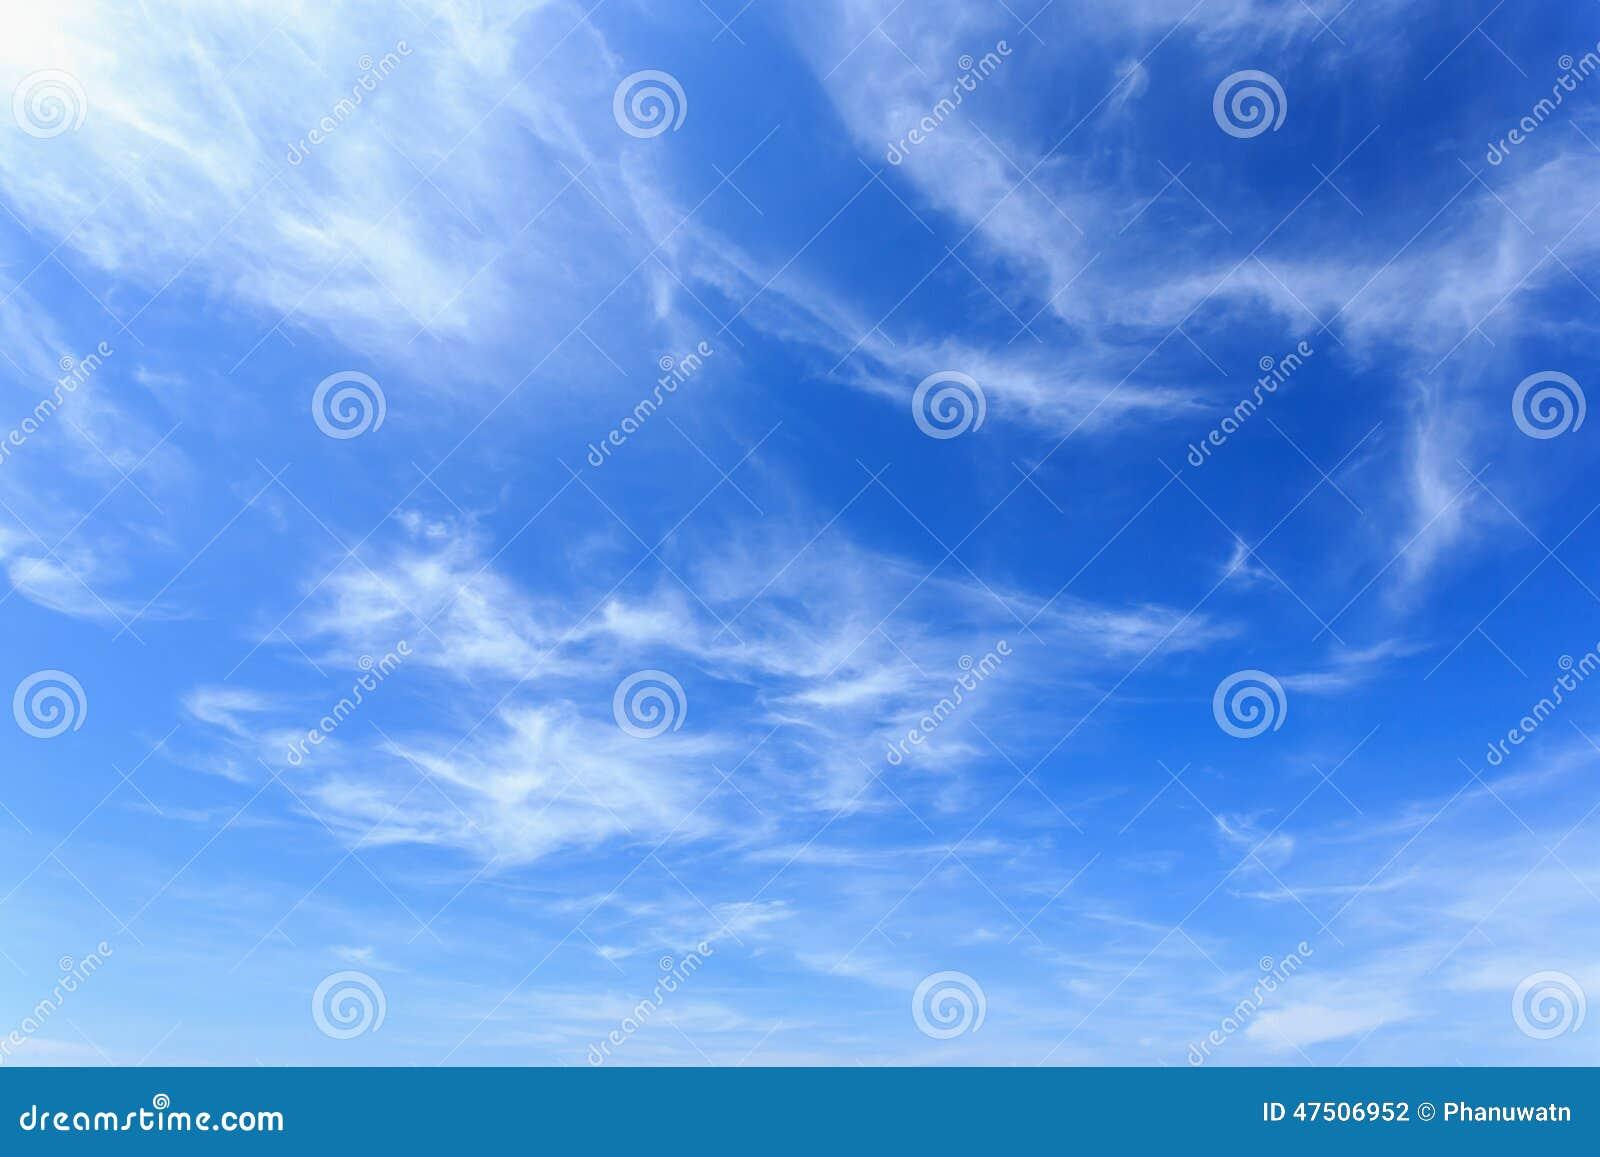 Wolken im blauen Himmel stockfoto. Bild von cumuli, outdoor - 47506952